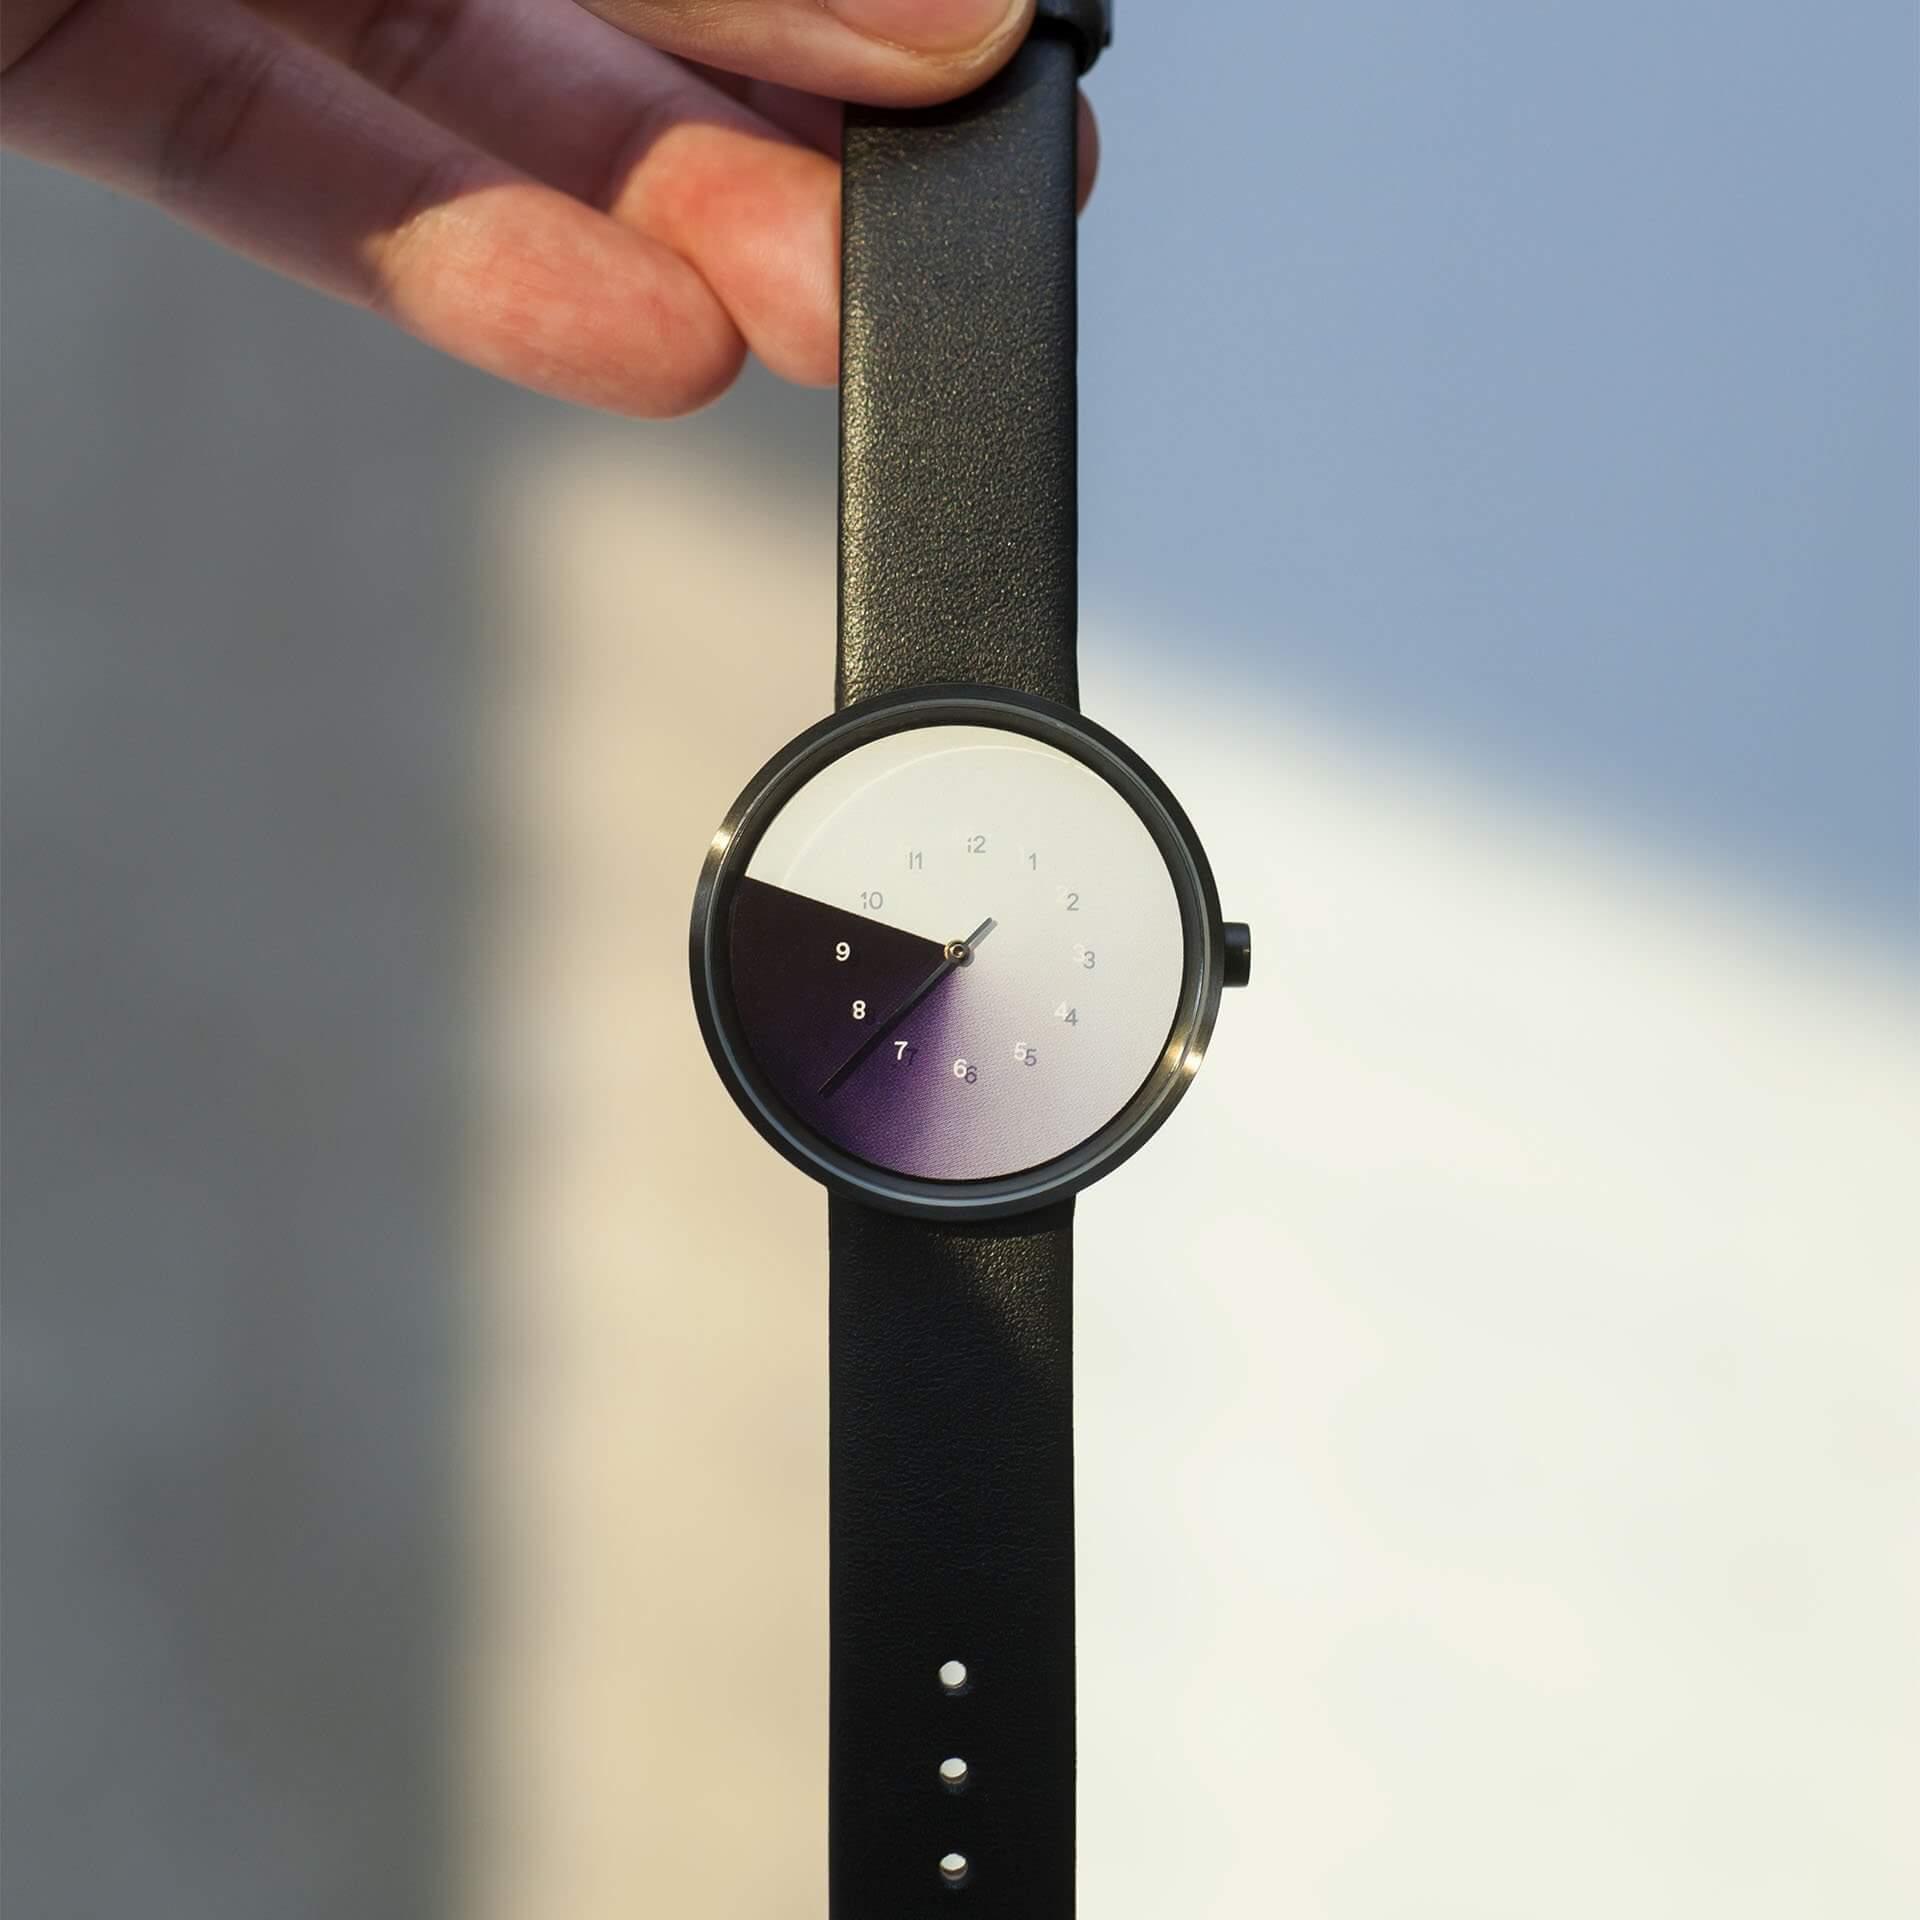 在The Trio of Time (TTT) 系列中,Joe找到不同國家的設計師合作推出概念性手錶,這款由韓國設計師Jiwoong Jung操刀,錶盤會隨時間的流逝而變色。